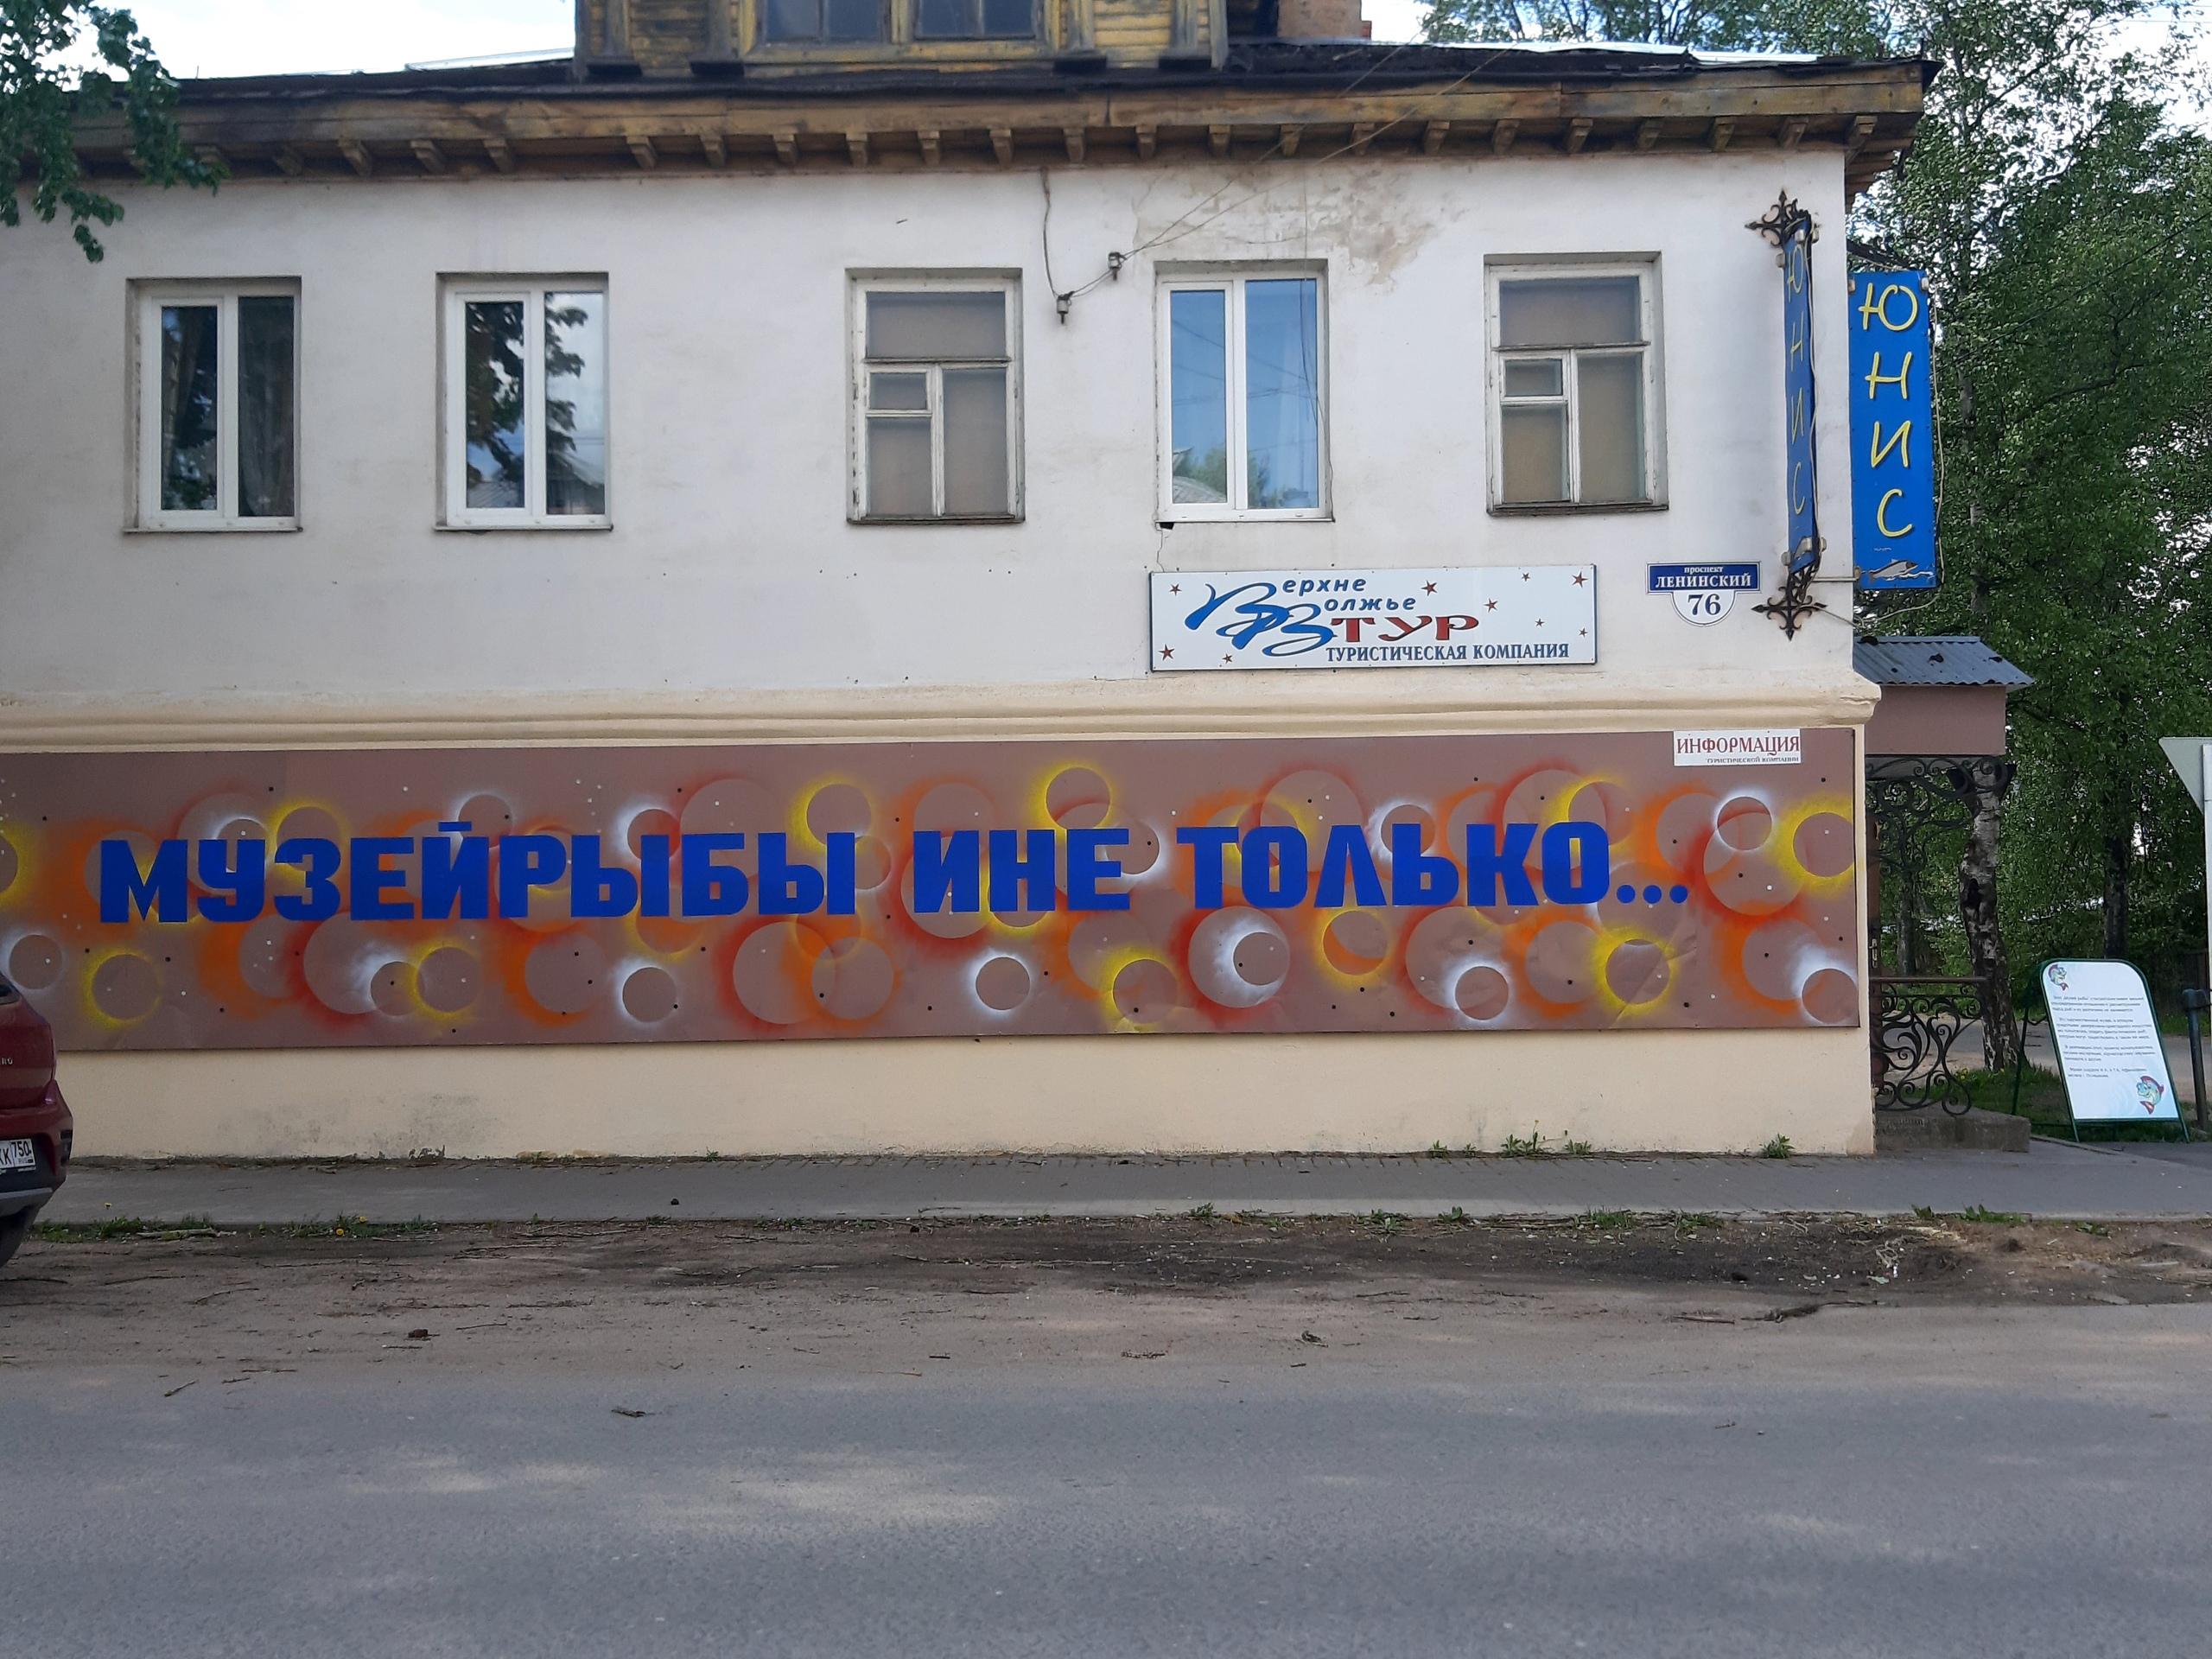 В Тверской области открылся необычный музей рыбы